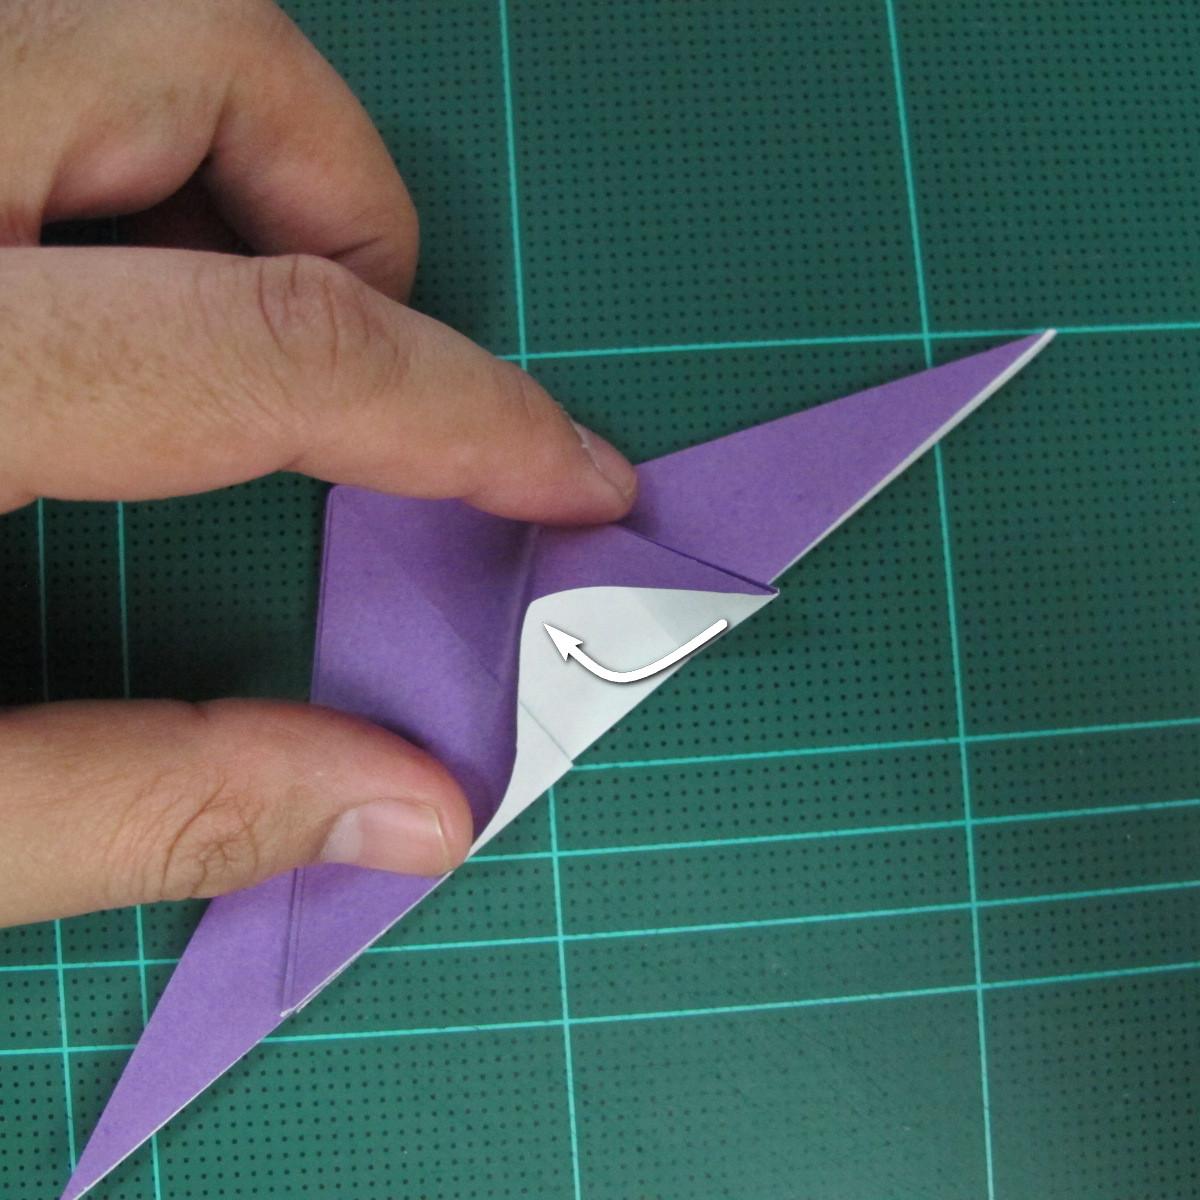 วิธีพับกระดาษเป็นรูปนกอินทรี (Origami Eagle) 005